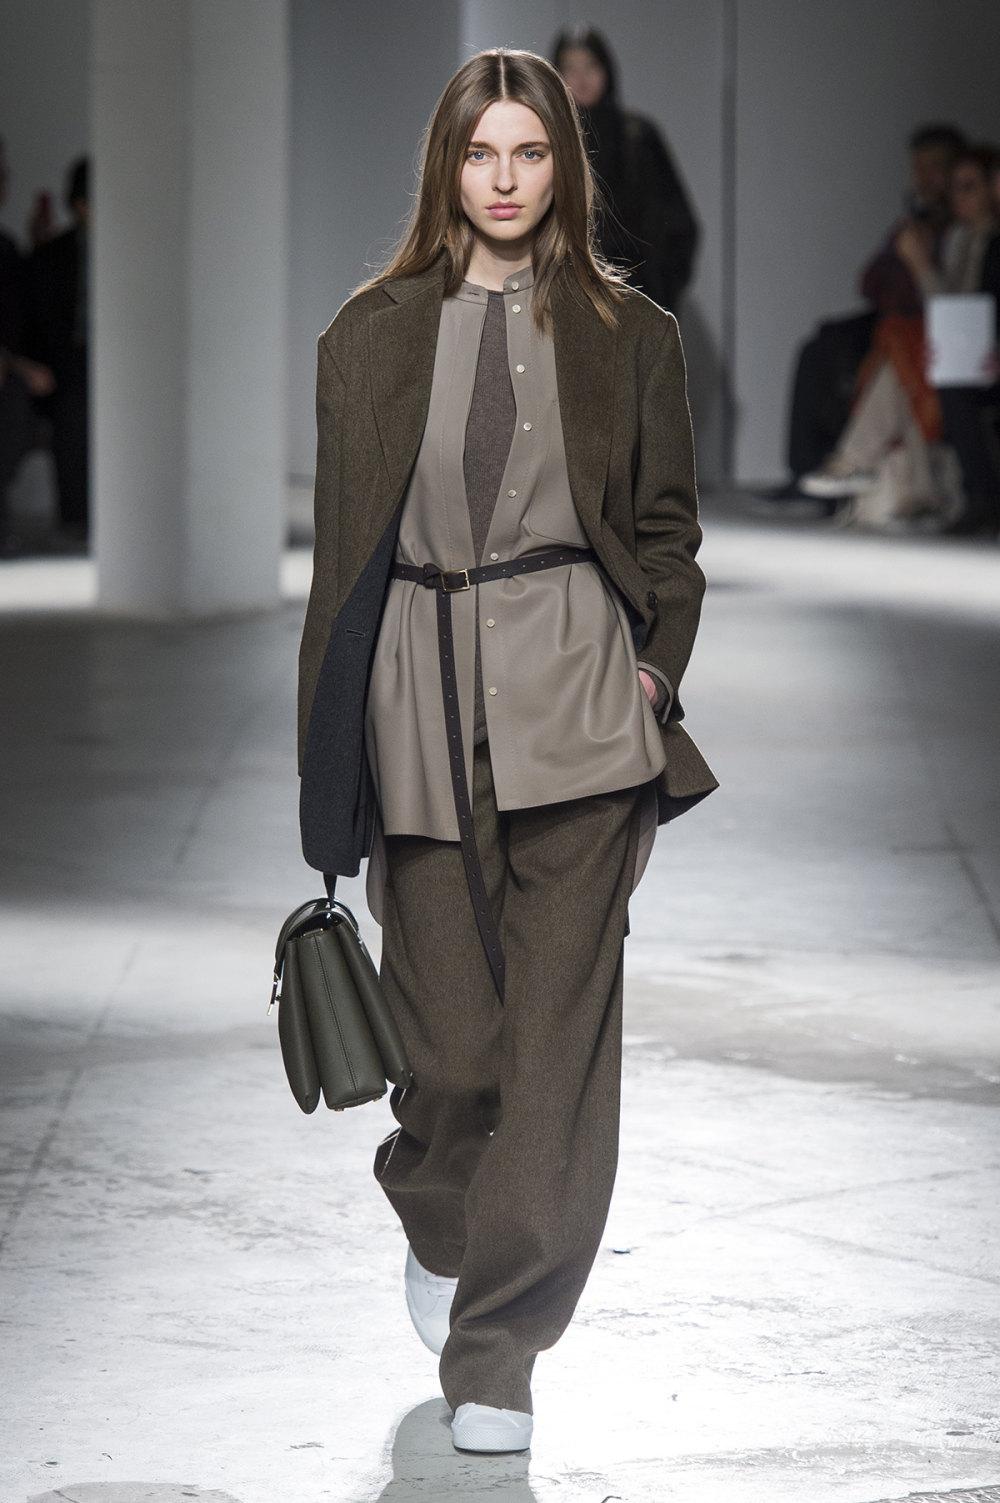 Agnona时装系列有纹理外套长而瘦有些穿着浴袍宽腿裤套装有巧克力-21.jpg